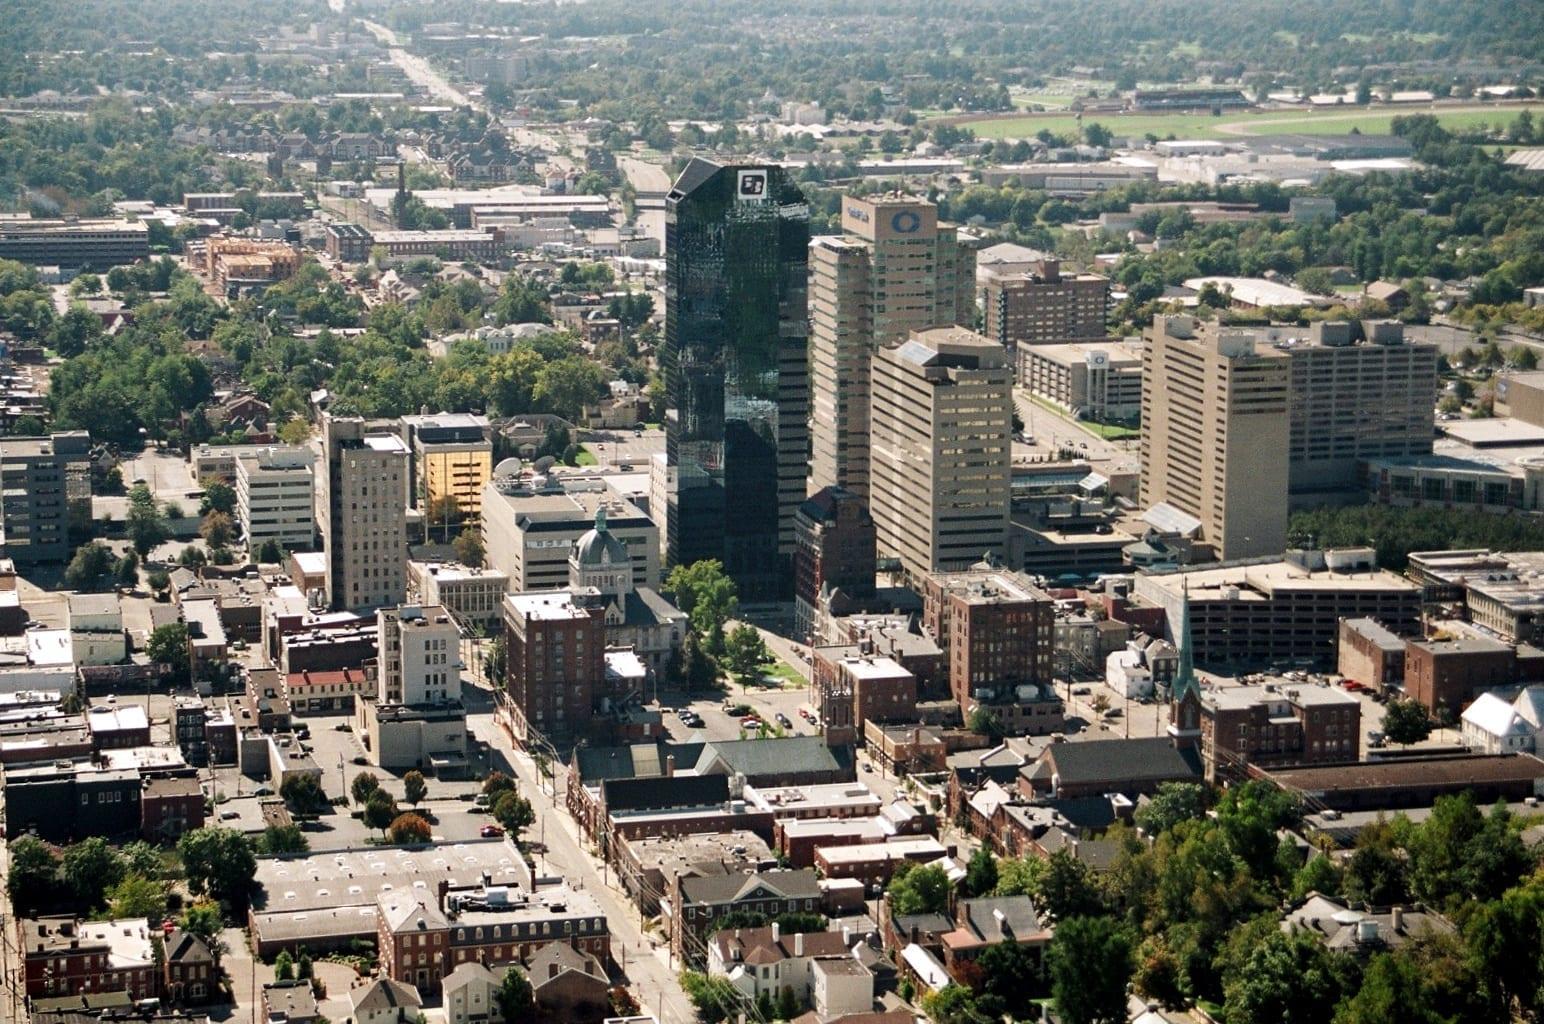 Vista de Lexington tomada desde un helicóptero. Lexington KY Estados Unidos